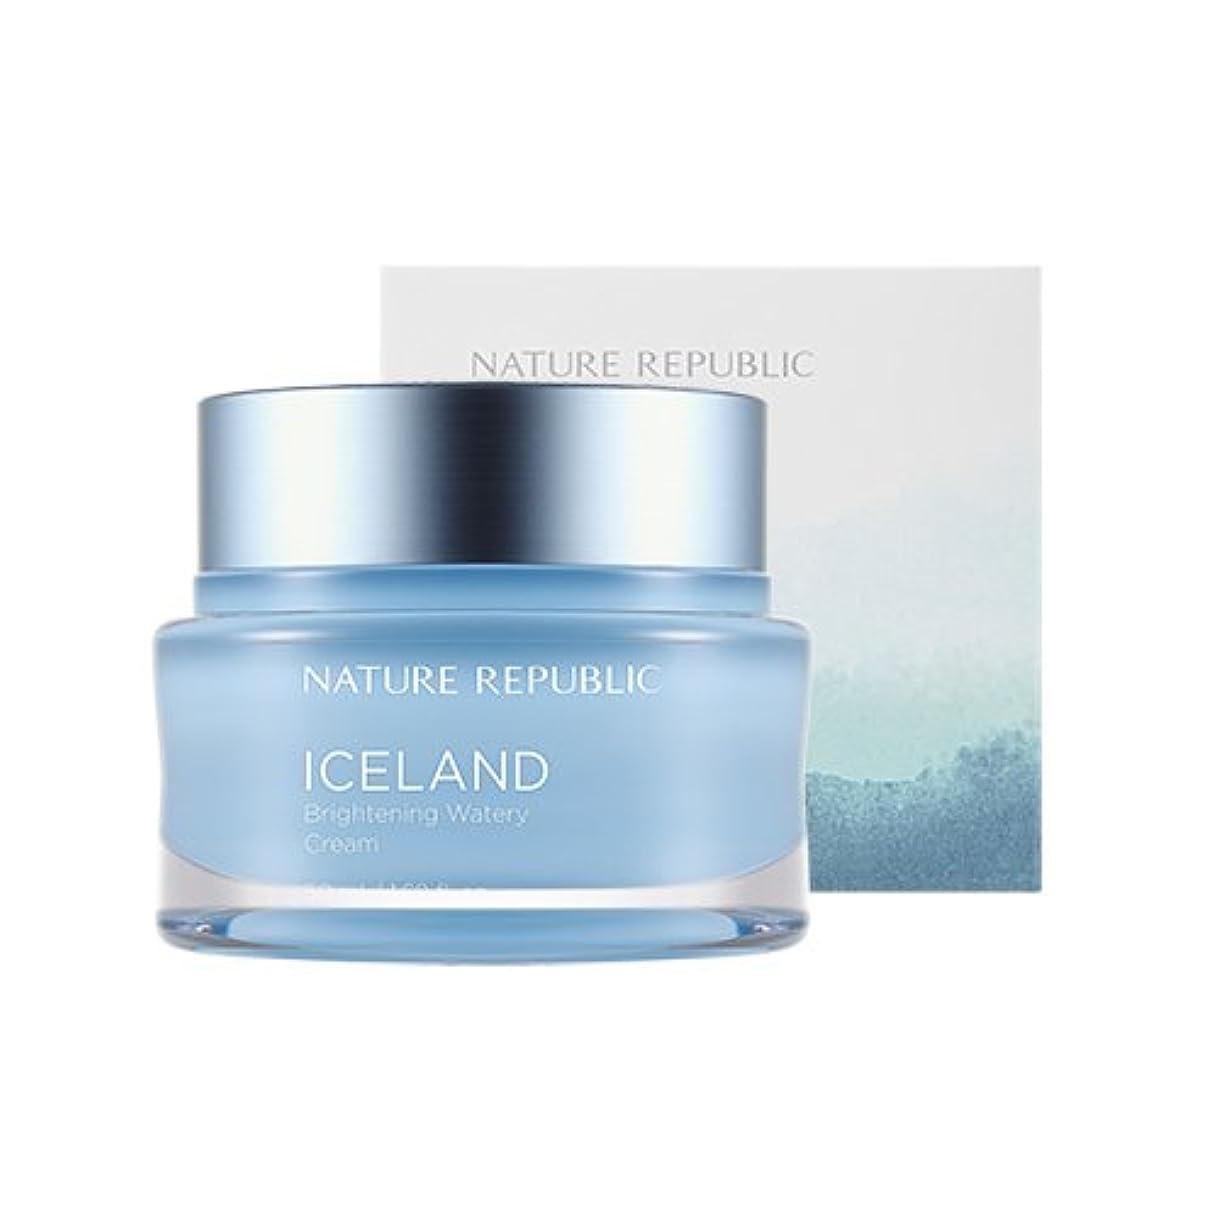 オンス学部代替案Nature Republic Iceland Brightening Watery Cream 50ml / ネイチャーリパブリック アイスランドランドブライトニング水分クリーム 50ml [並行輸入品]